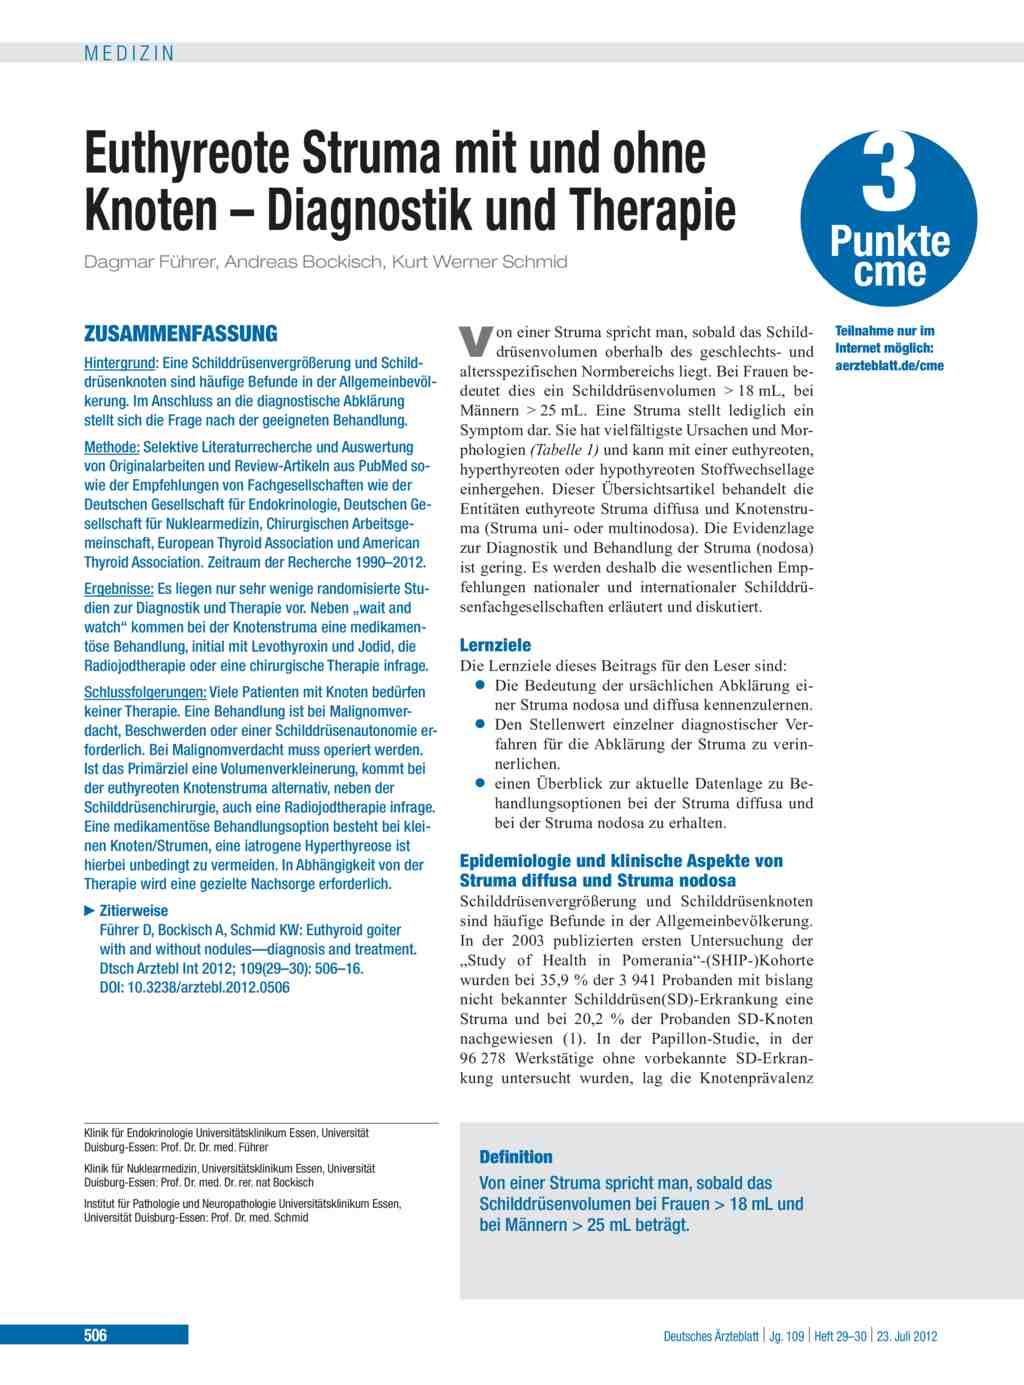 Euthyreote Struma mit und ohne Knoten – Diagnostik und Therapie